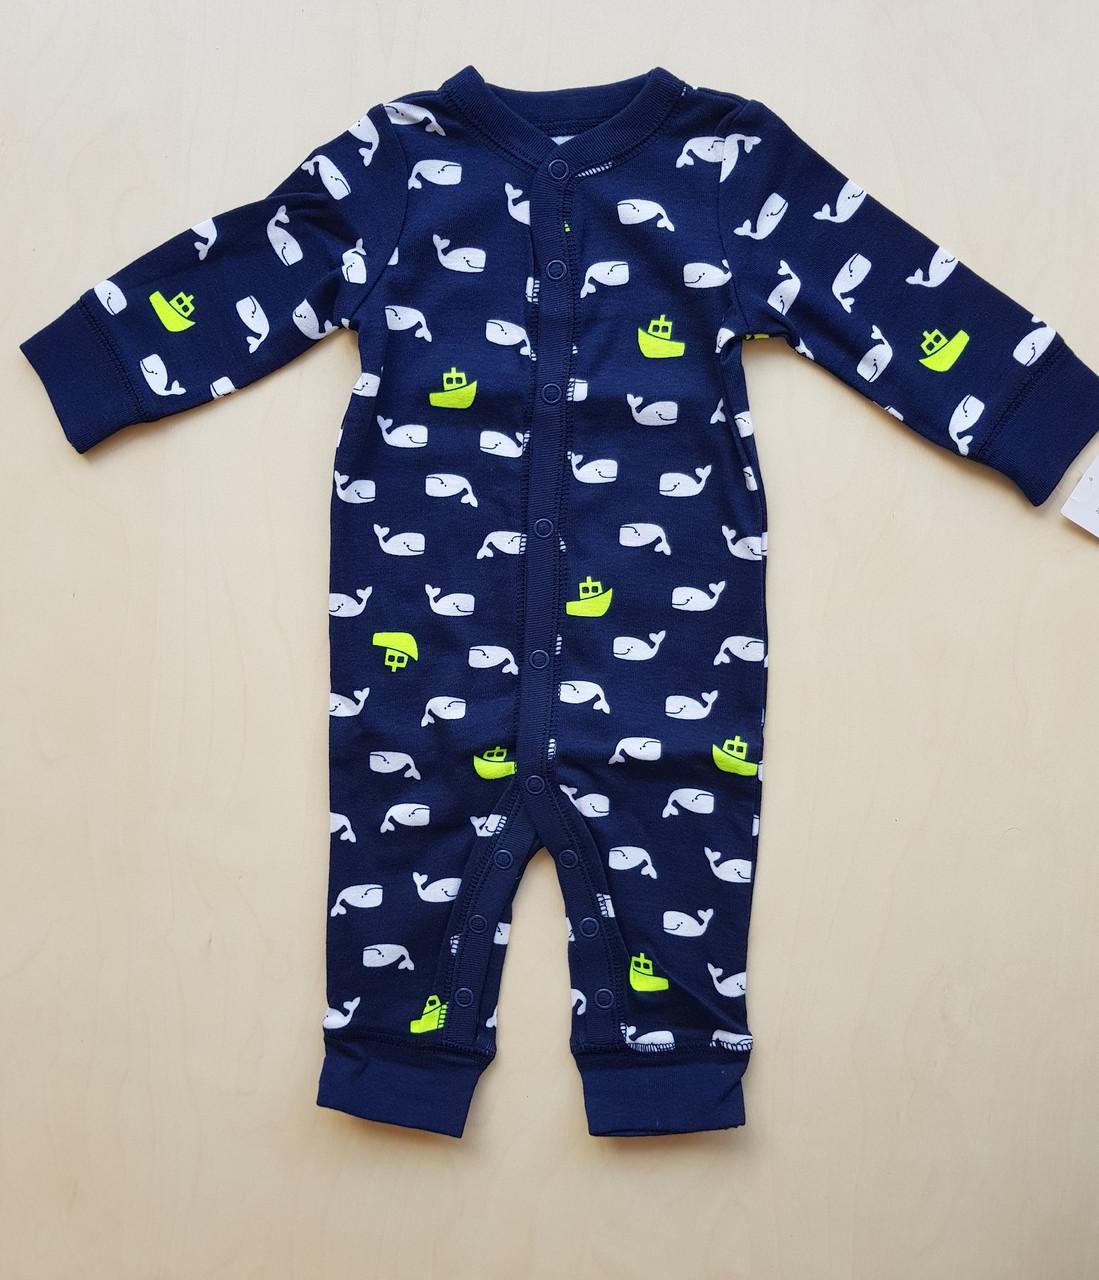 Carters Человечик (слип) для мальчика на 6 месяцев